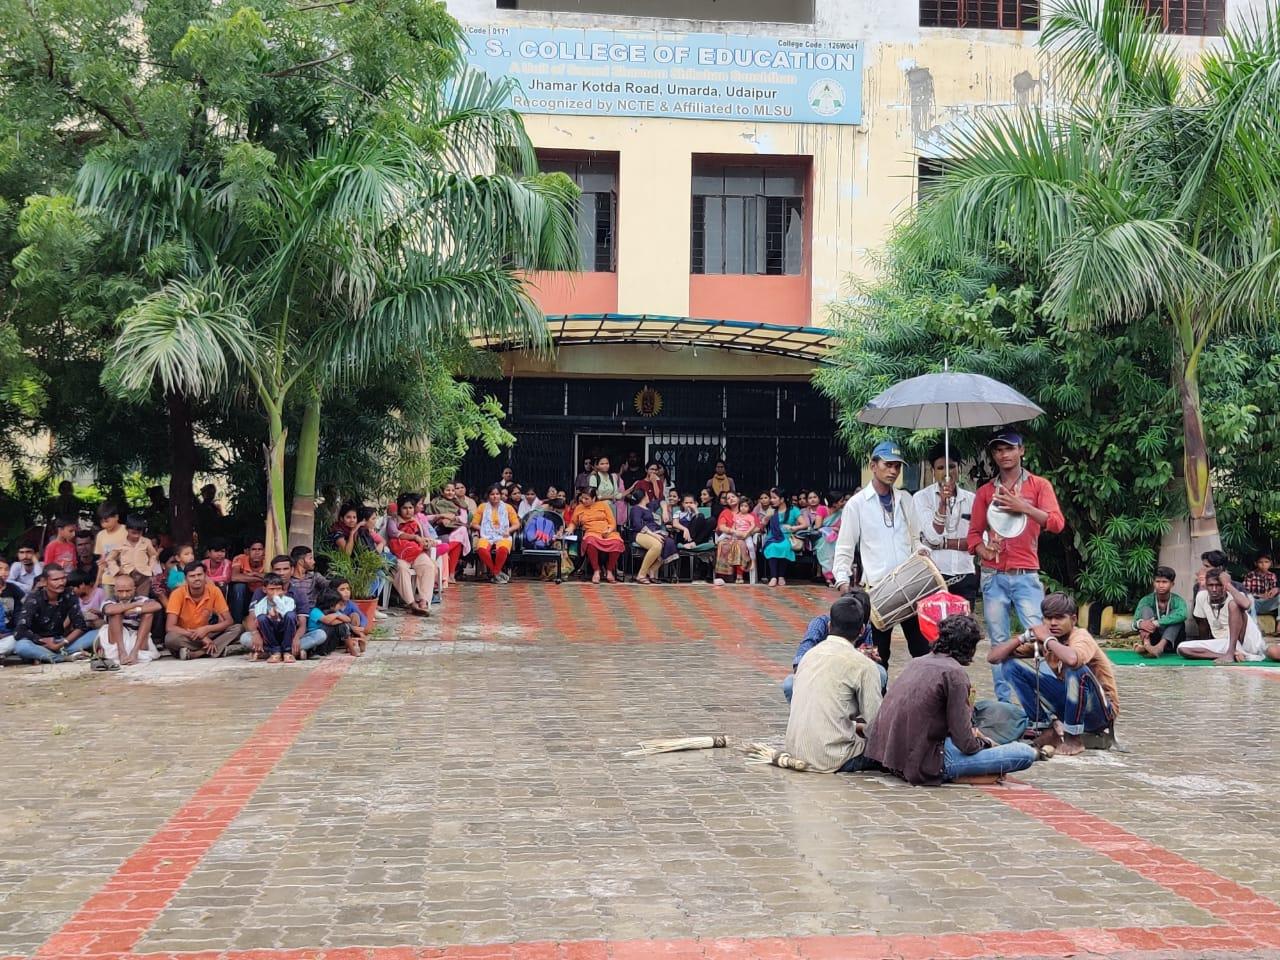 पारम्परिक लोकनृत्य गवरी का आयोजन